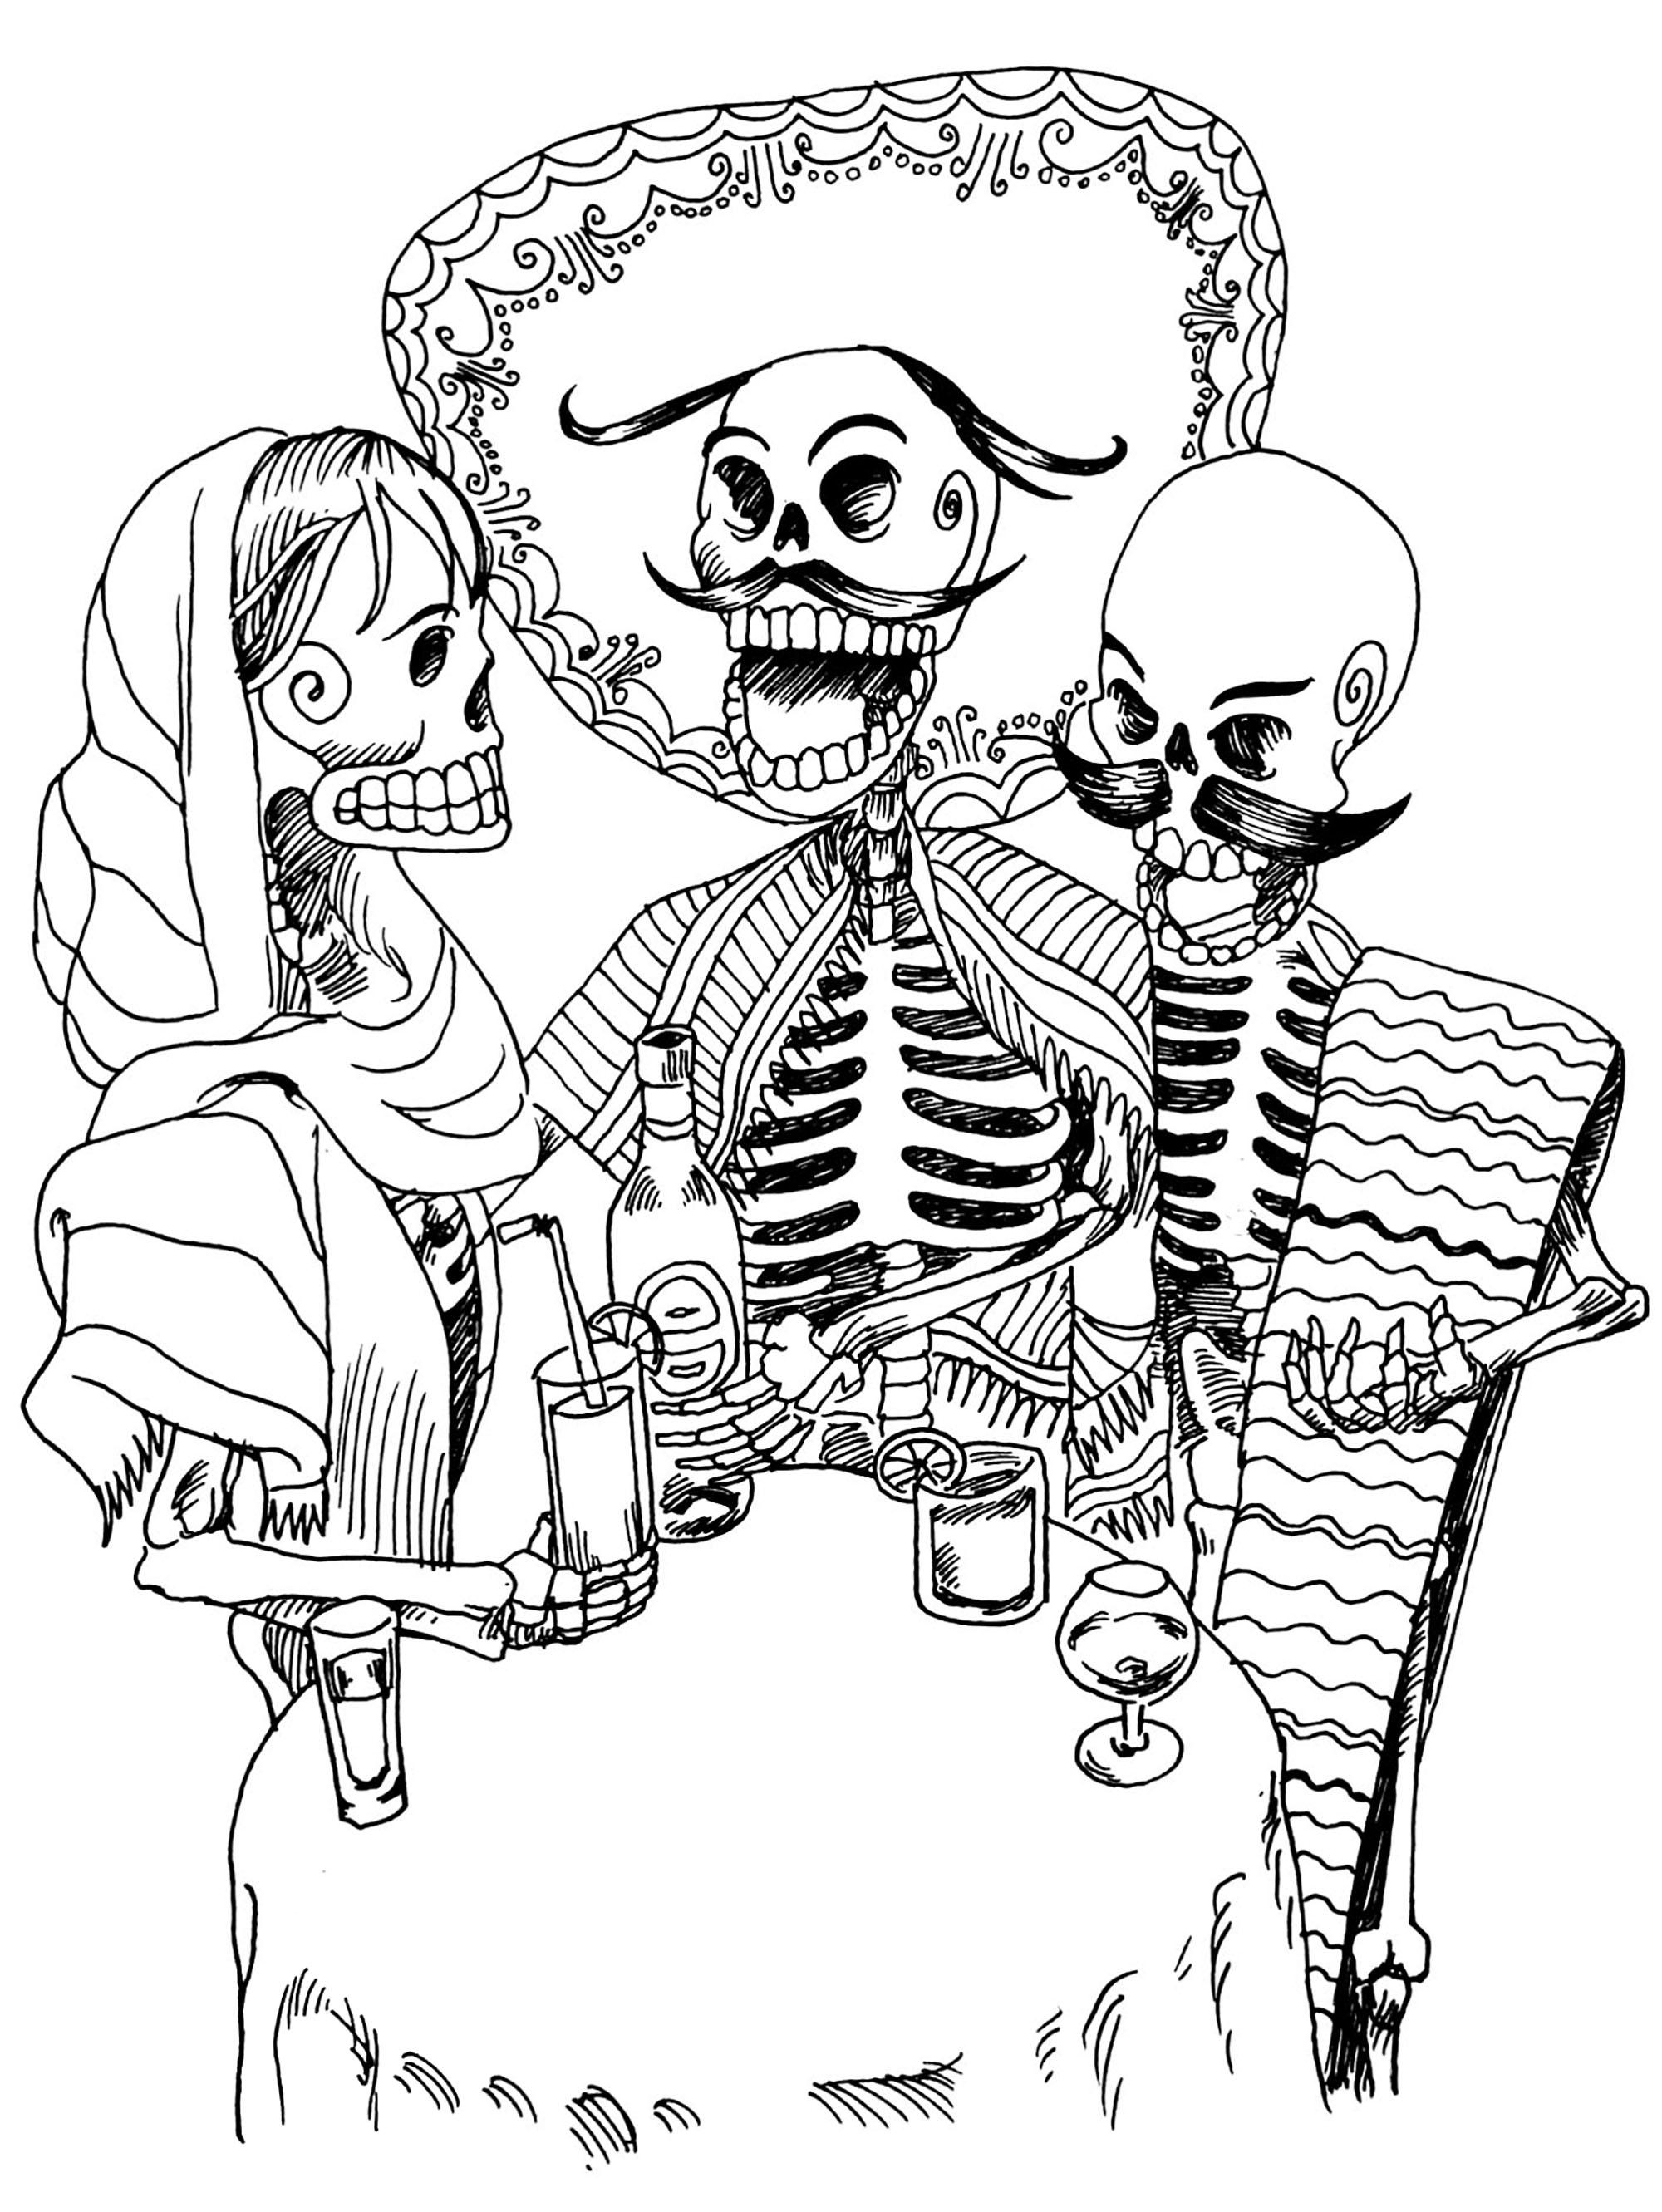 Colorear para adultos  : El Día De Los Muertos - 13